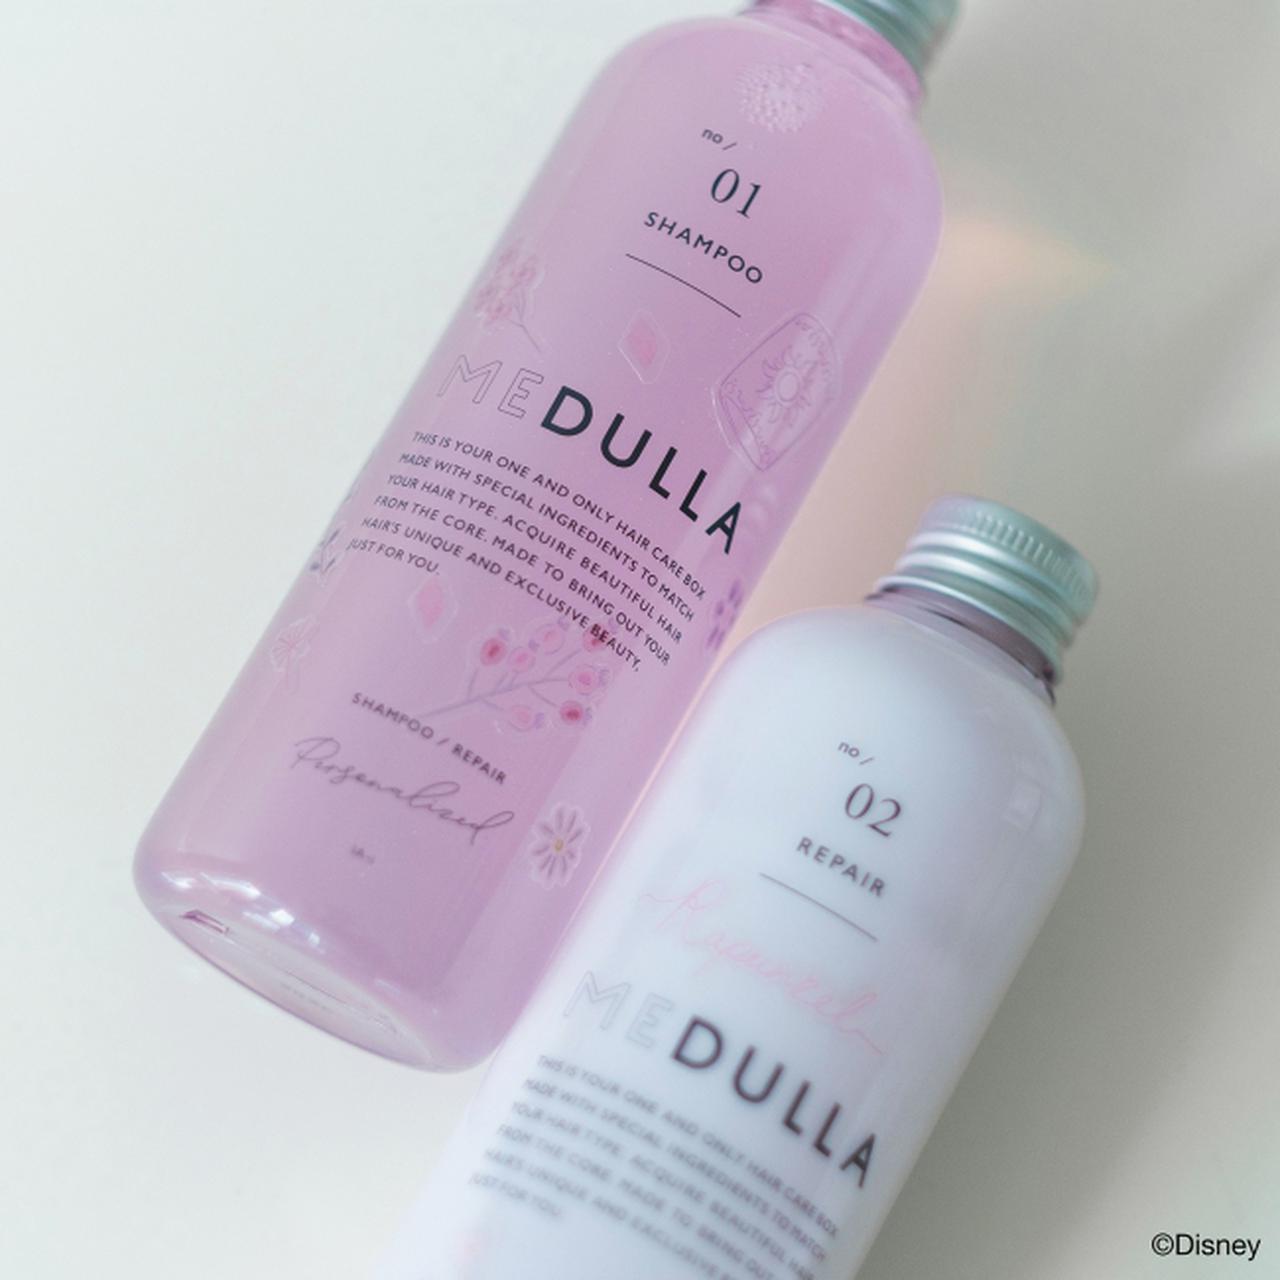 画像3: パーソナライズシャンプー『MEDULLA』よりディズニープリンセスデザインの特別デザインボトルが新発売